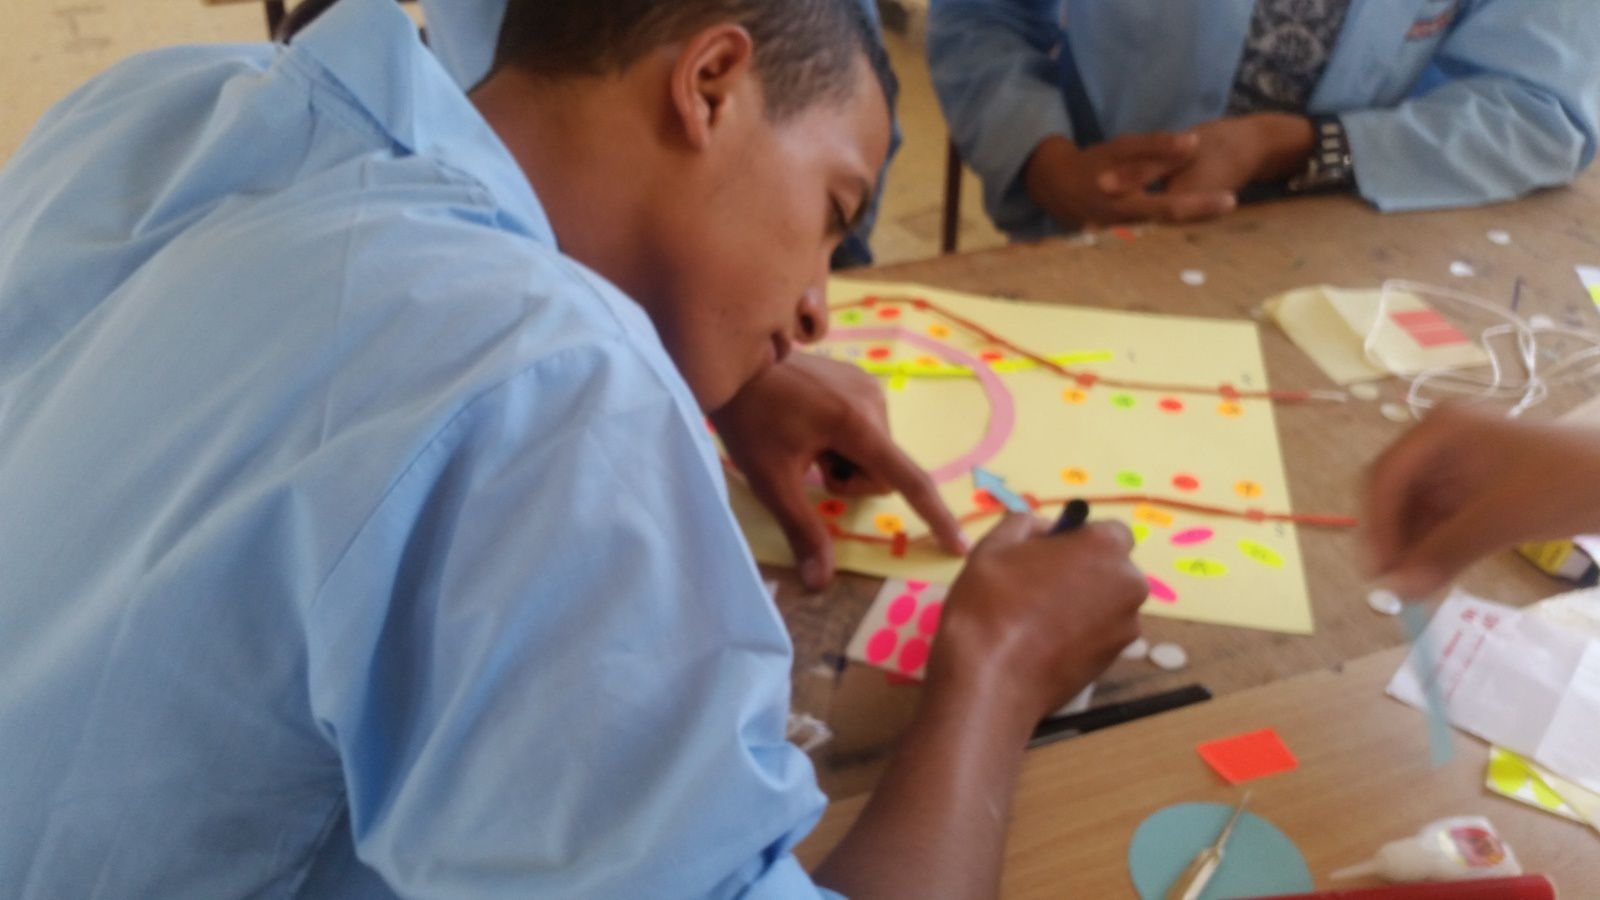 نمذجة عملية النسخ مطلوبة في المنهاج فلا تحرم تلاميذك منها